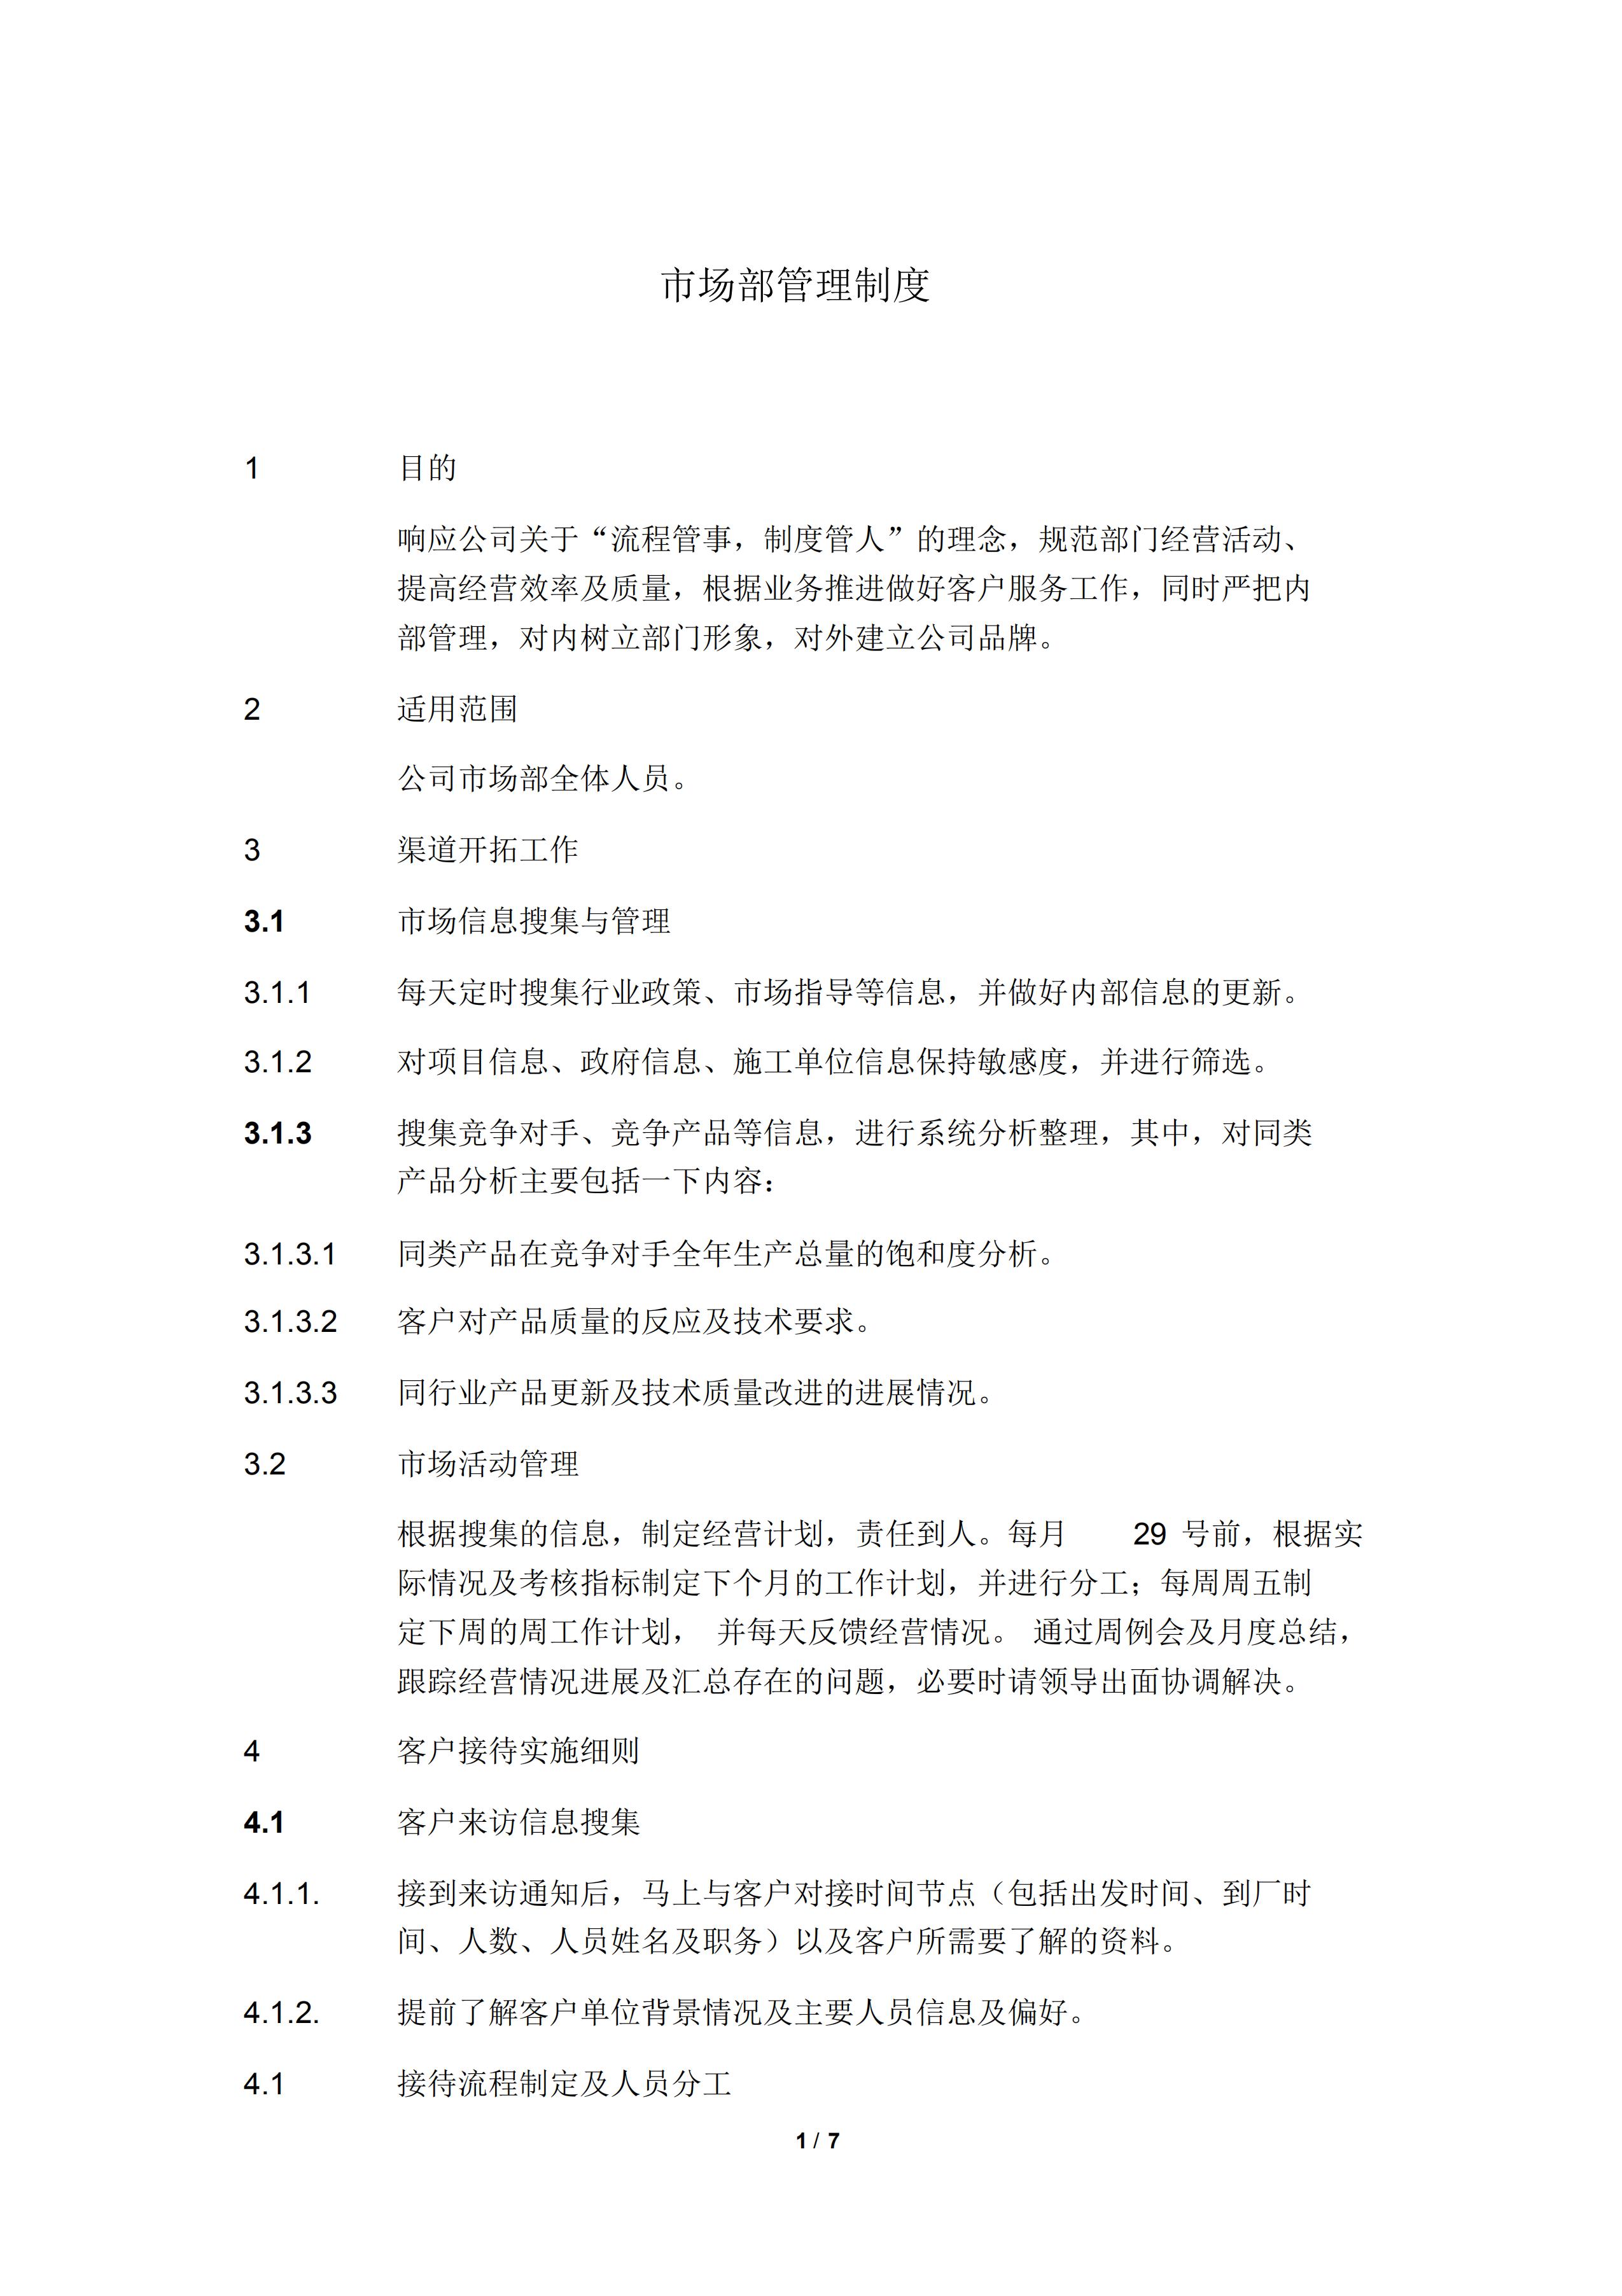 市场部管理制度(含营销激励机制)_00.png